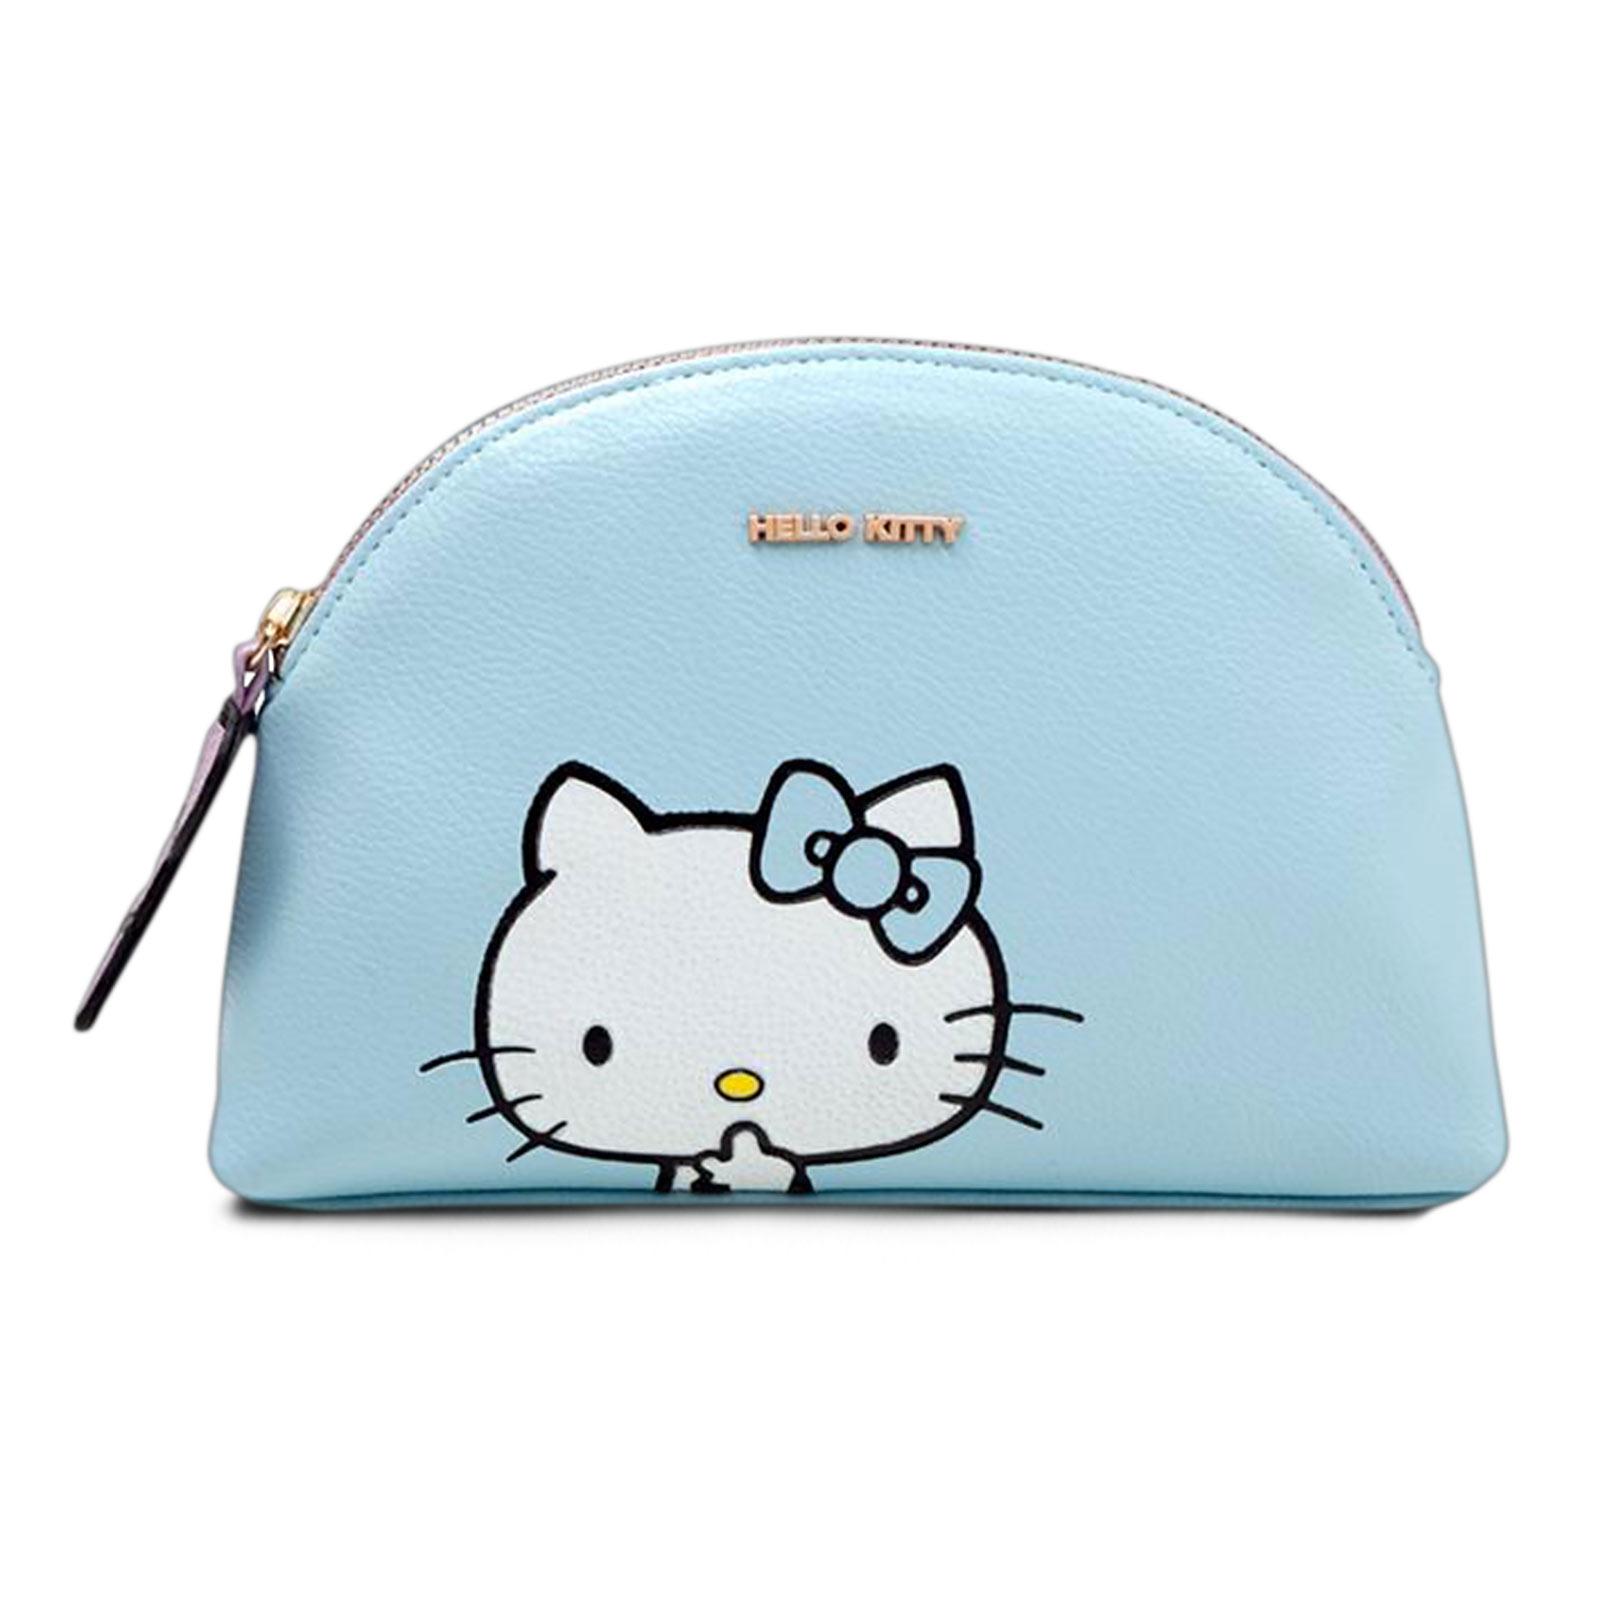 Hello Kitty - Be Quiet Kosmetiktasche blau